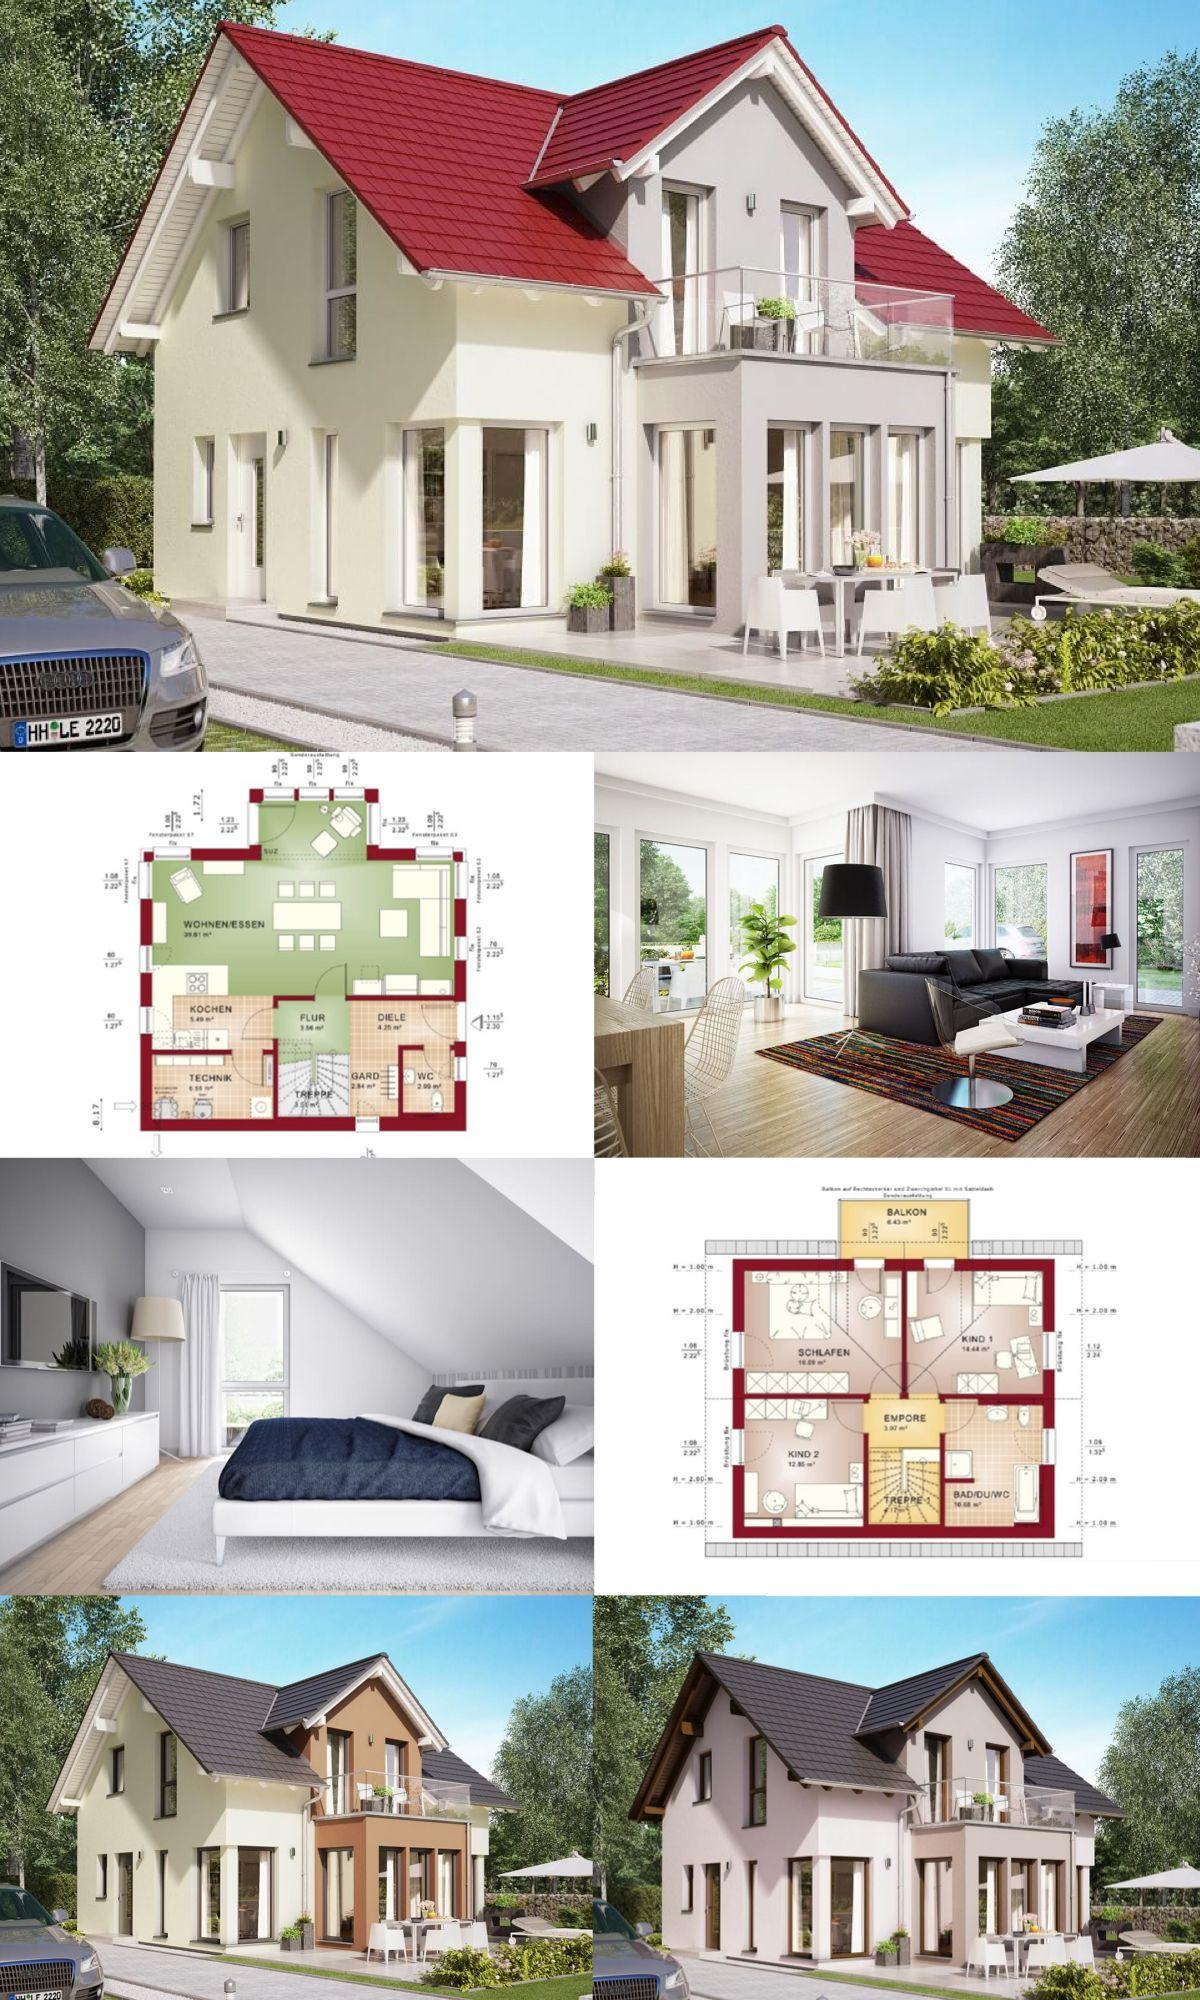 Einfamilienhaus satteldach grundriss offen modern haus for Inneneinrichtung haus